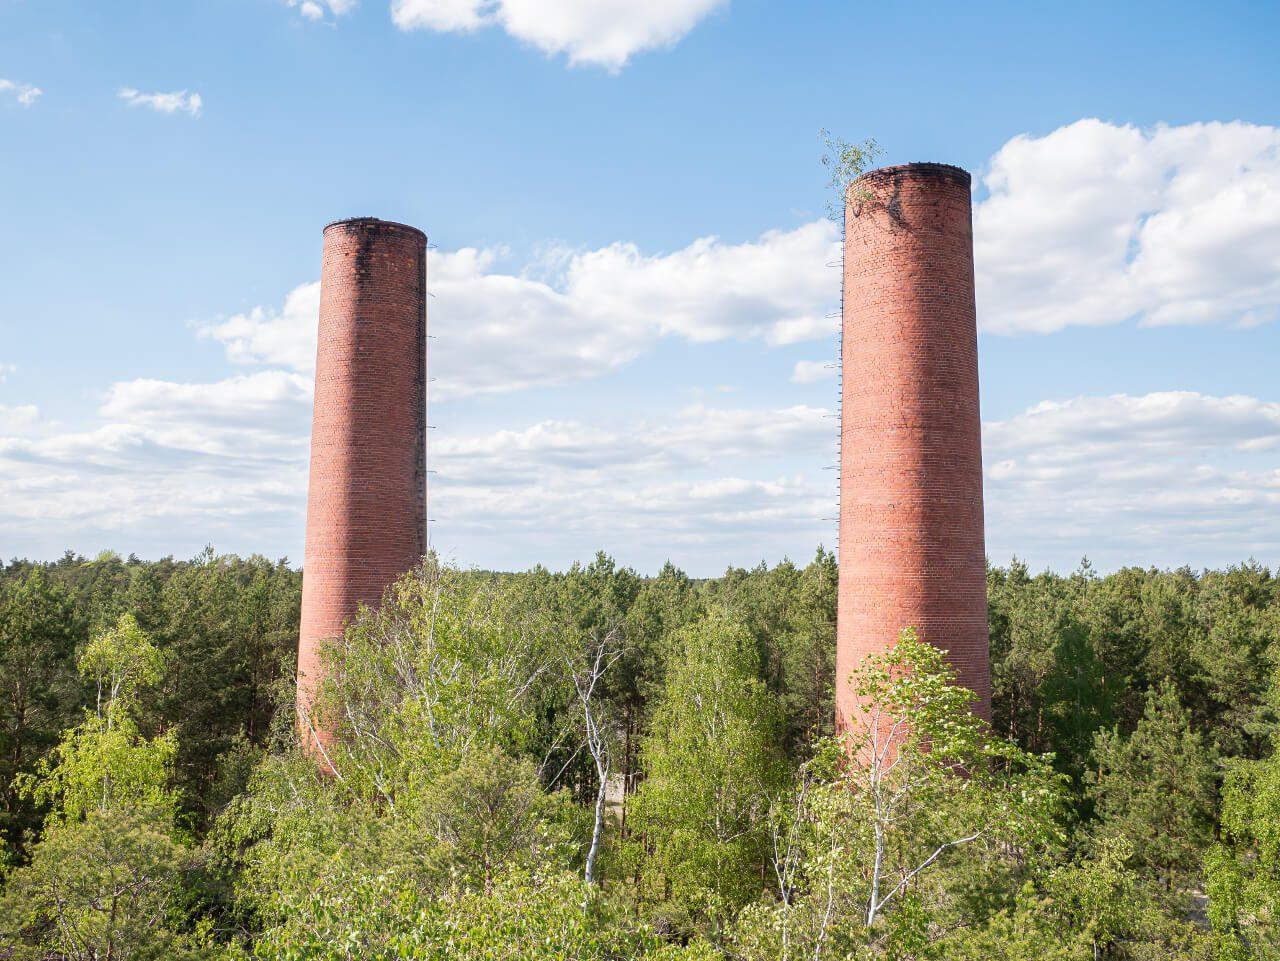 Dwa kominy elektrociepłownia DAG